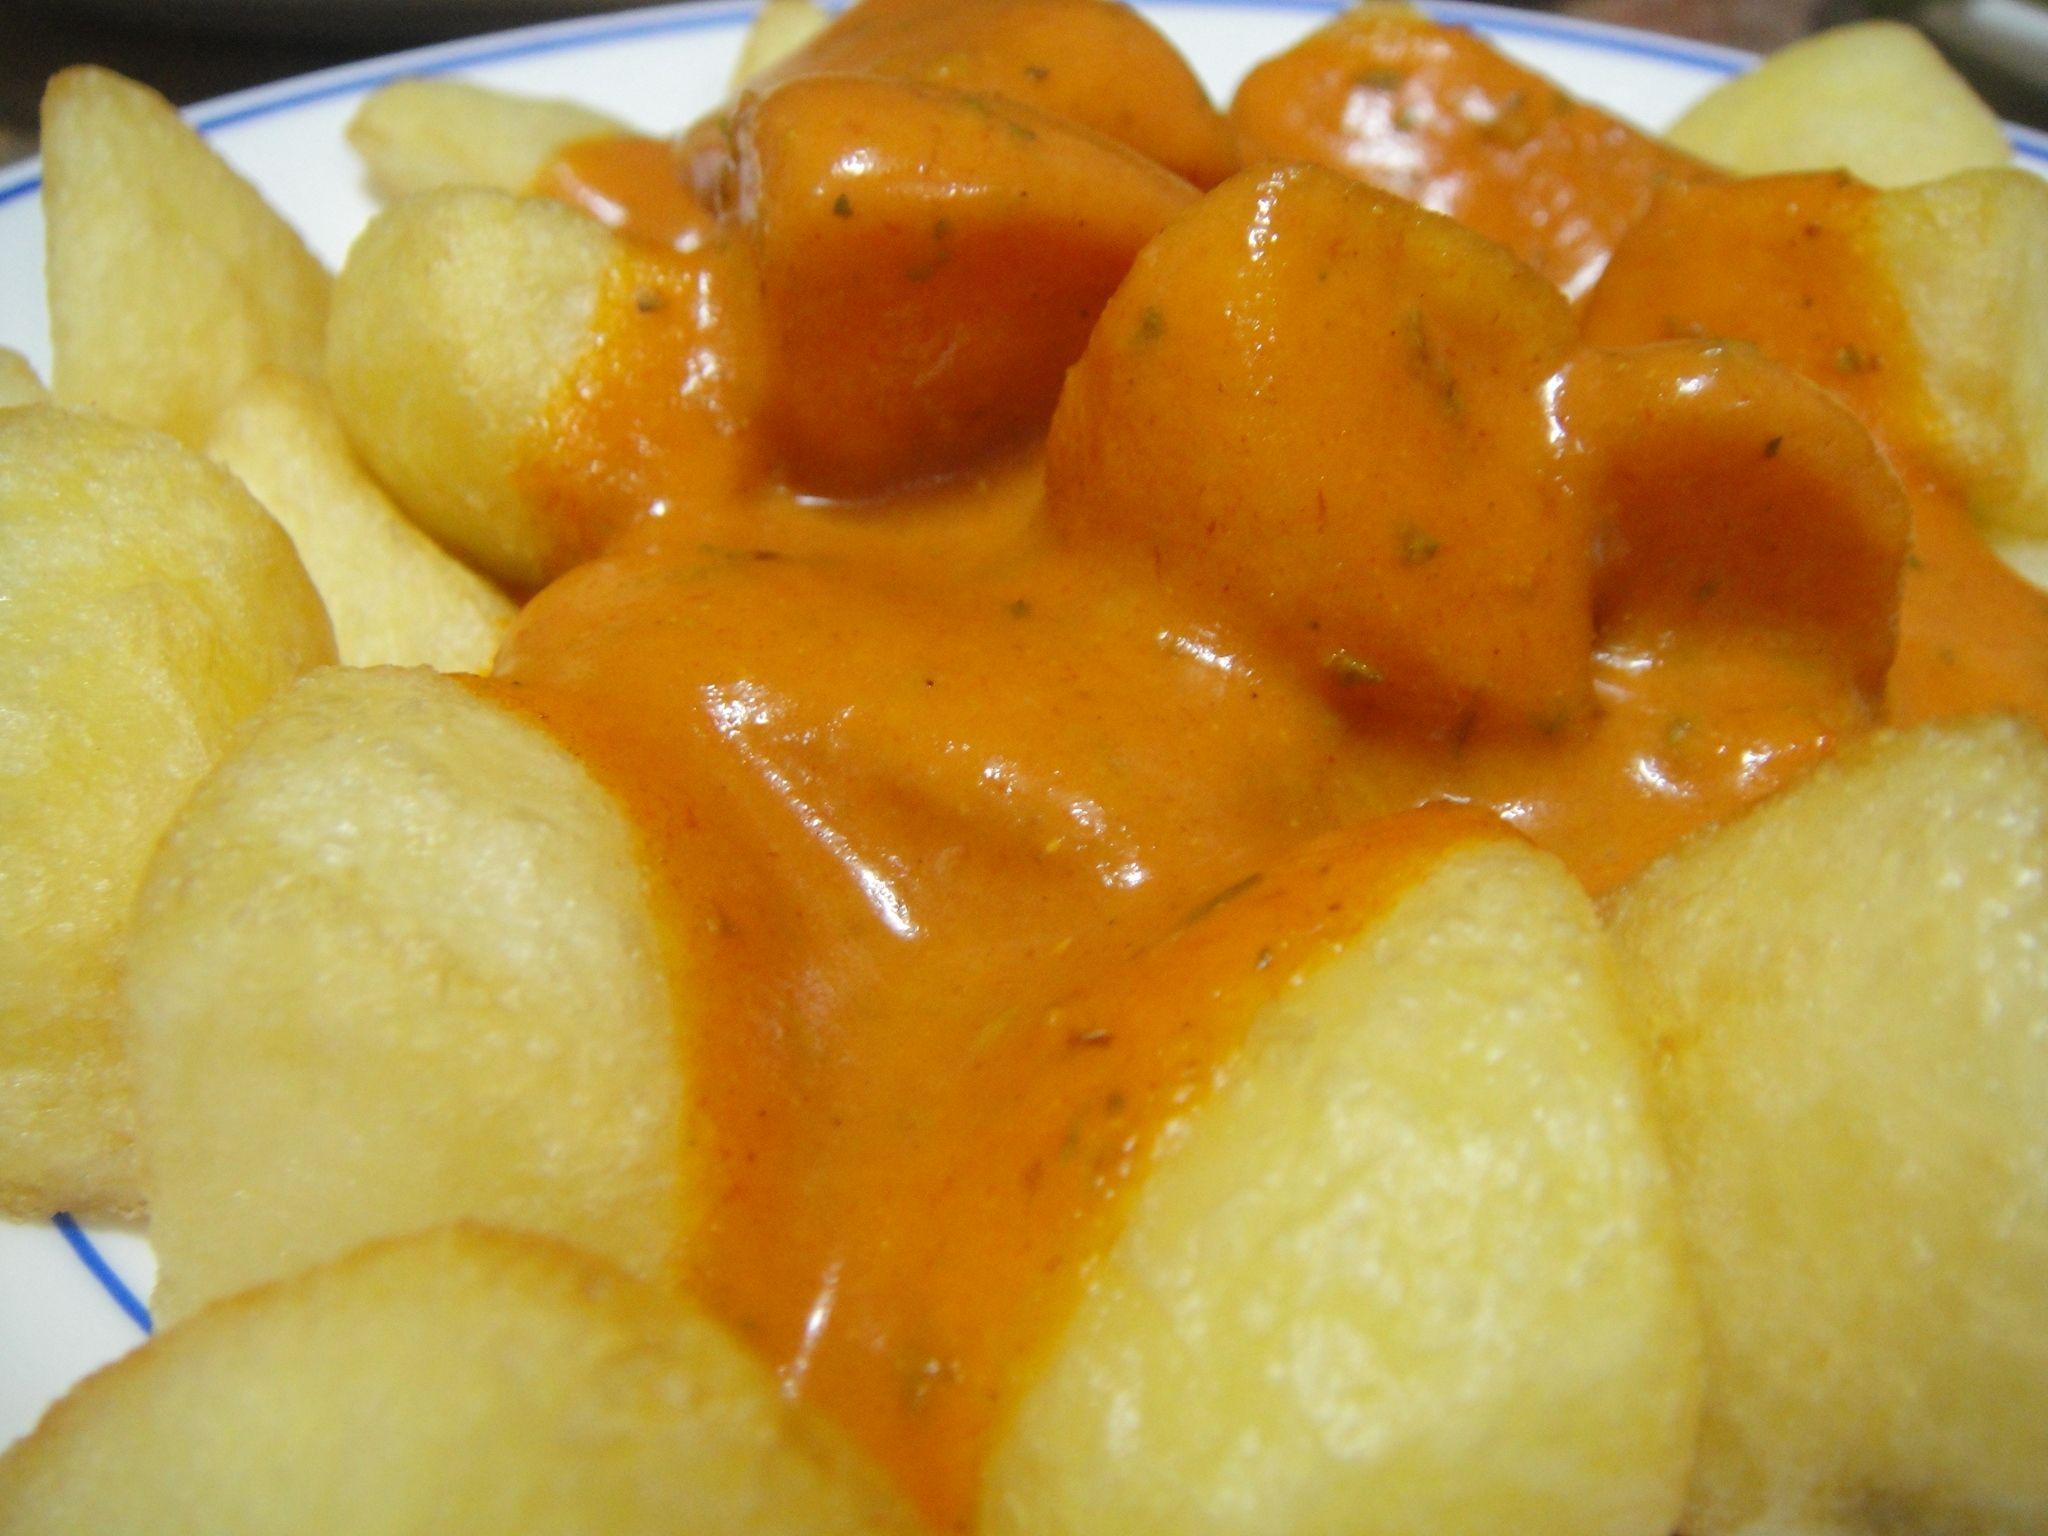 Patatas bravas.